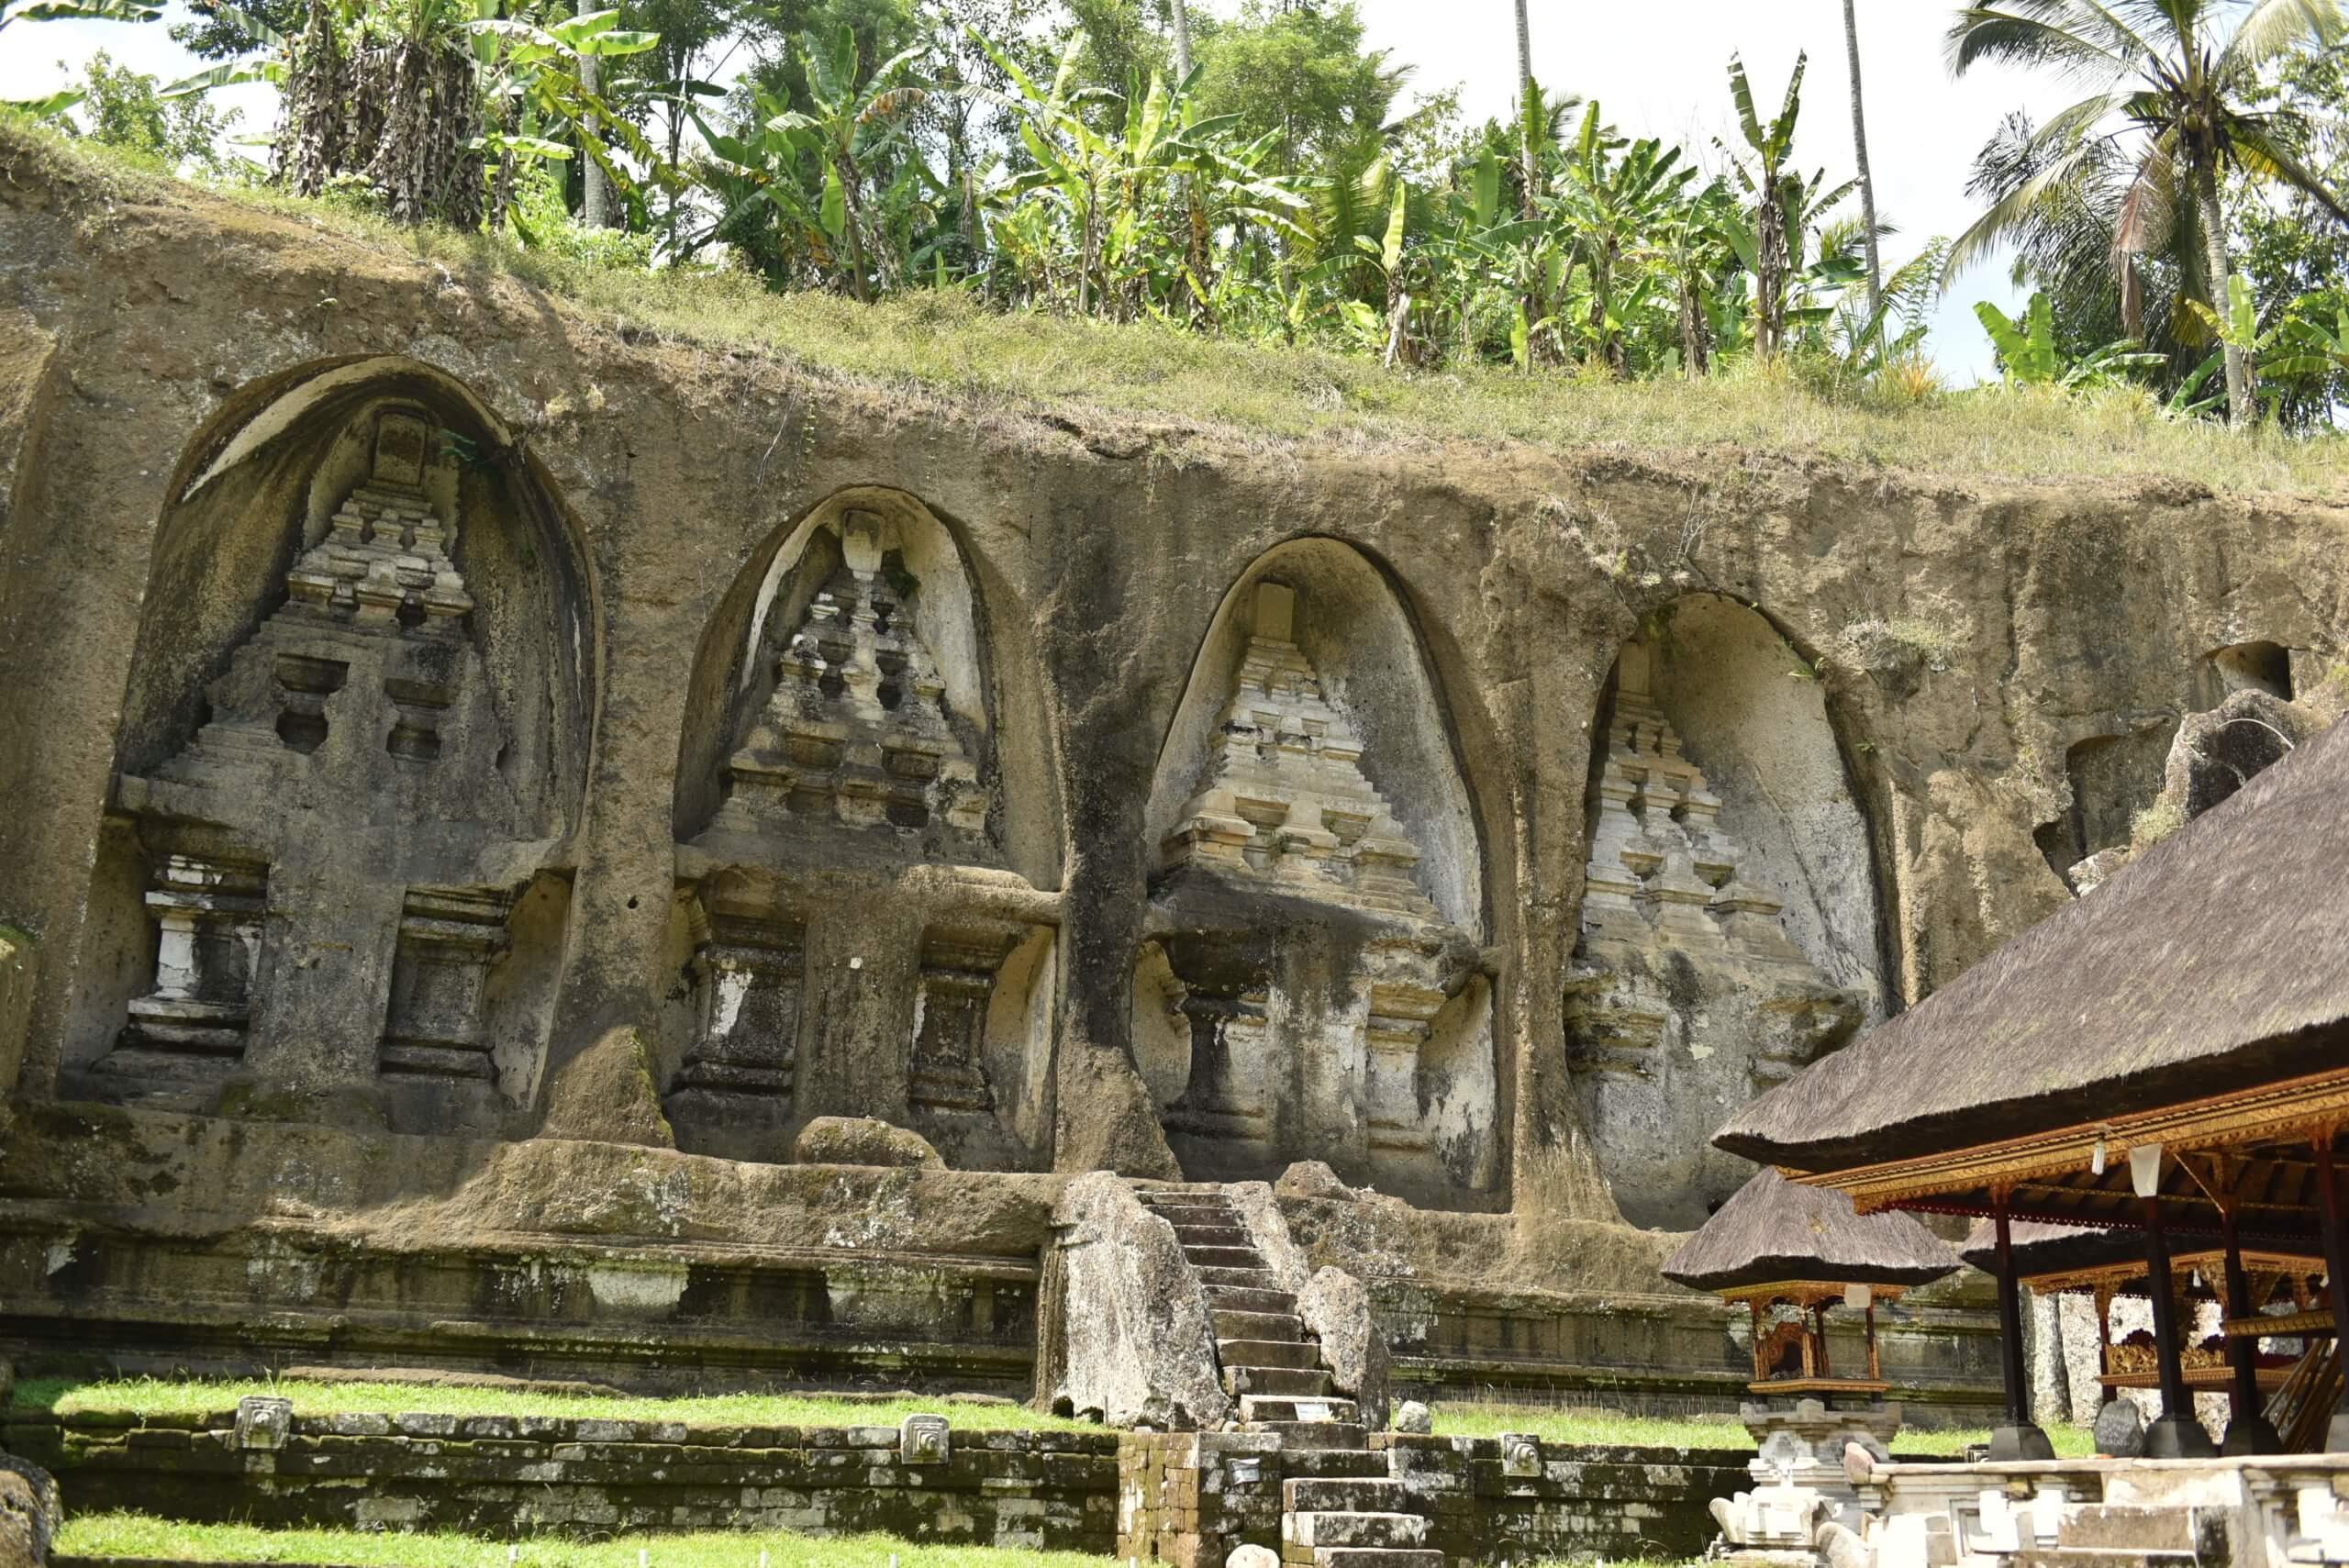 Sculpture taillée dans la roche au temple de Gunung Kawi